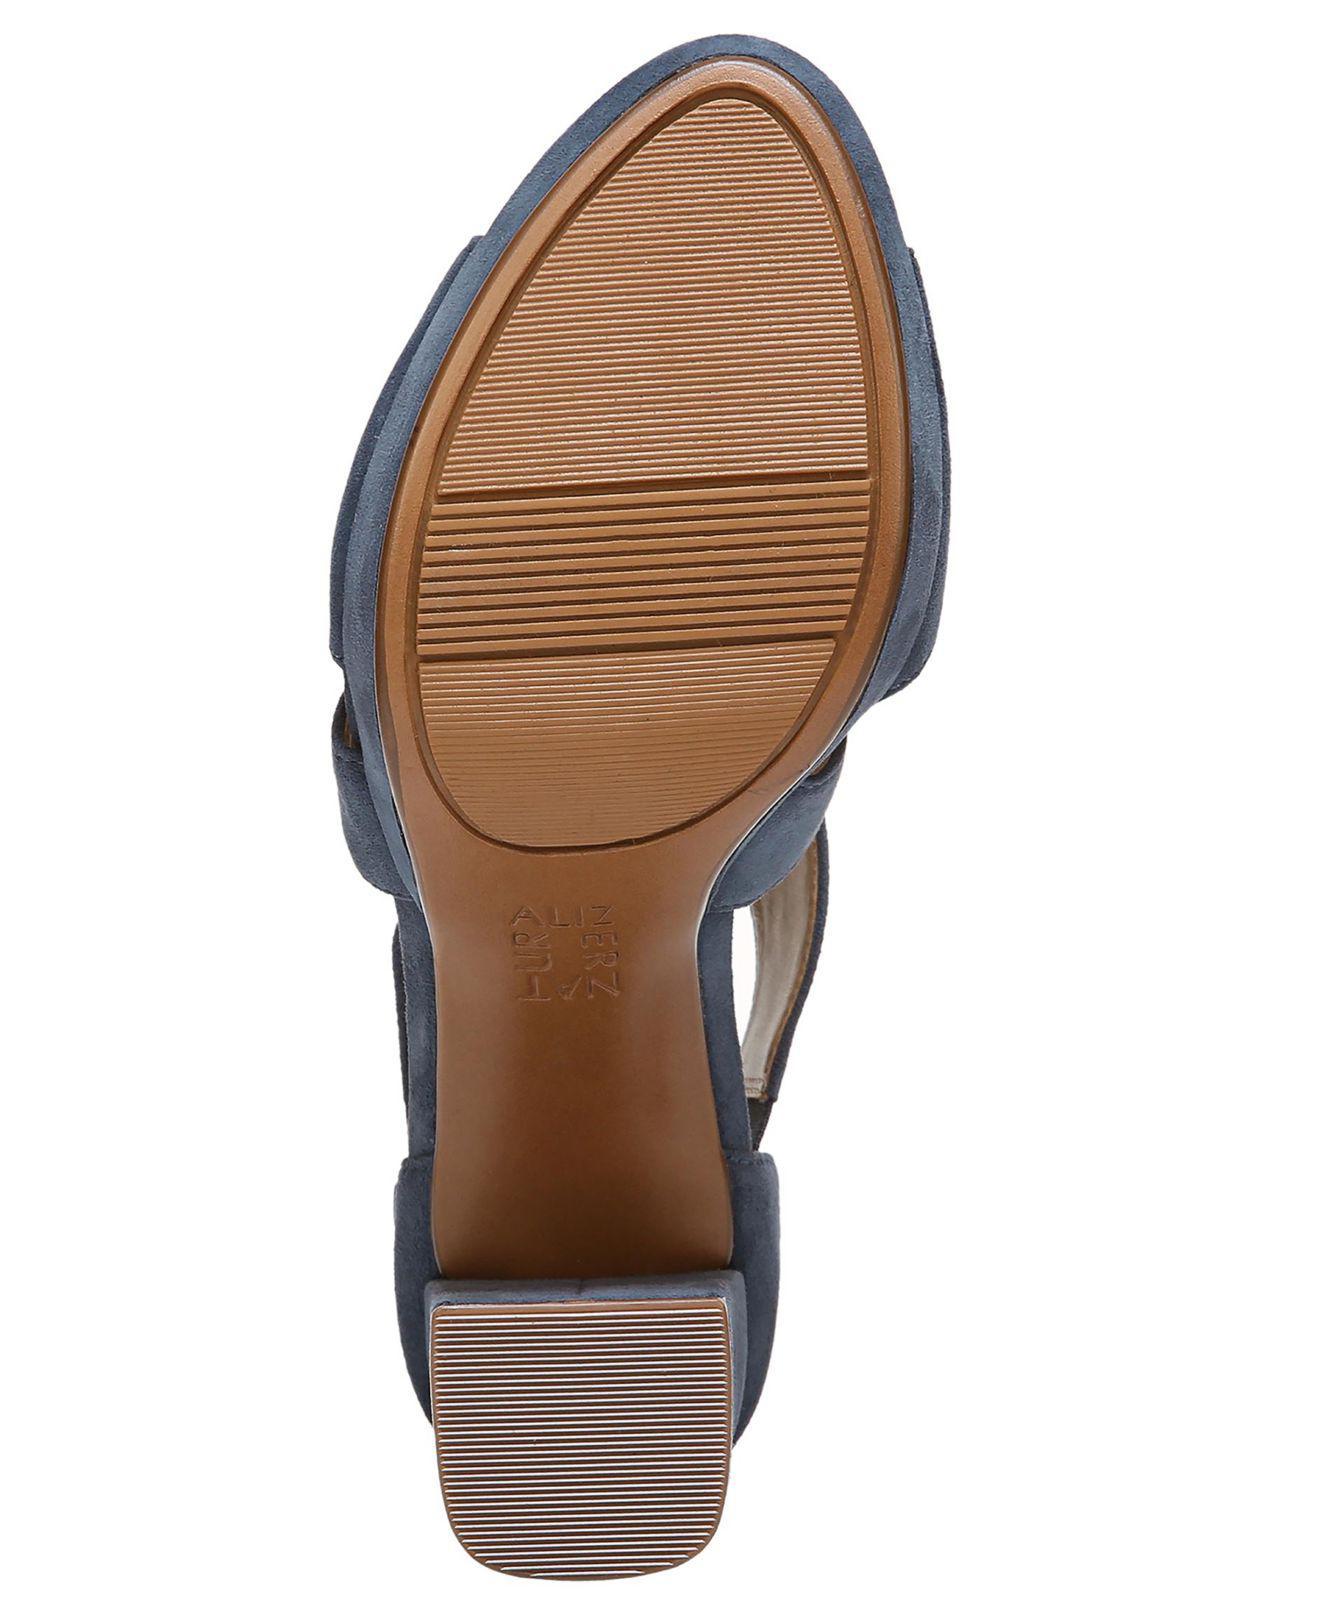 774cd18a4437 Lyst - Naturalizer Harper Dress Sandals in Blue